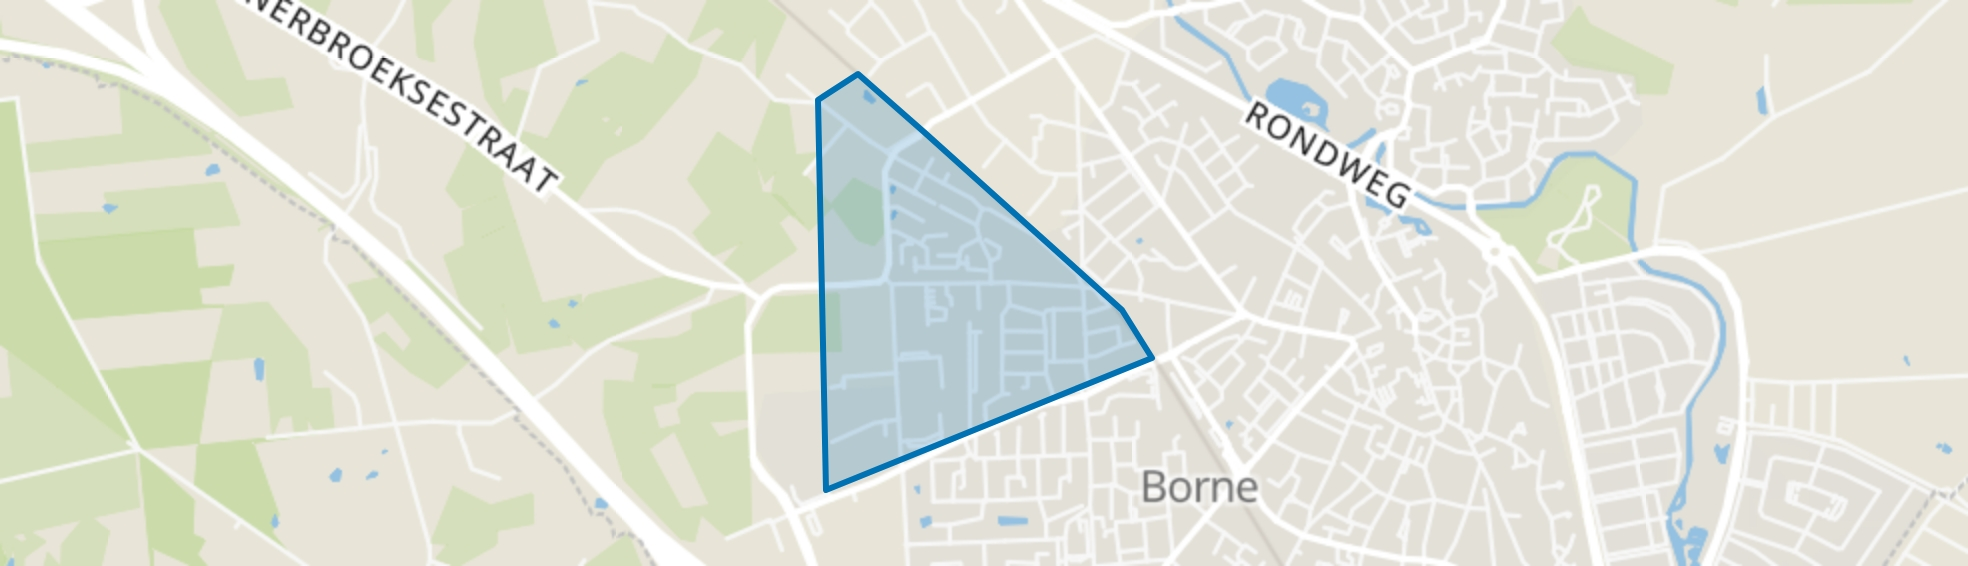 Lettersveld I, Borne map